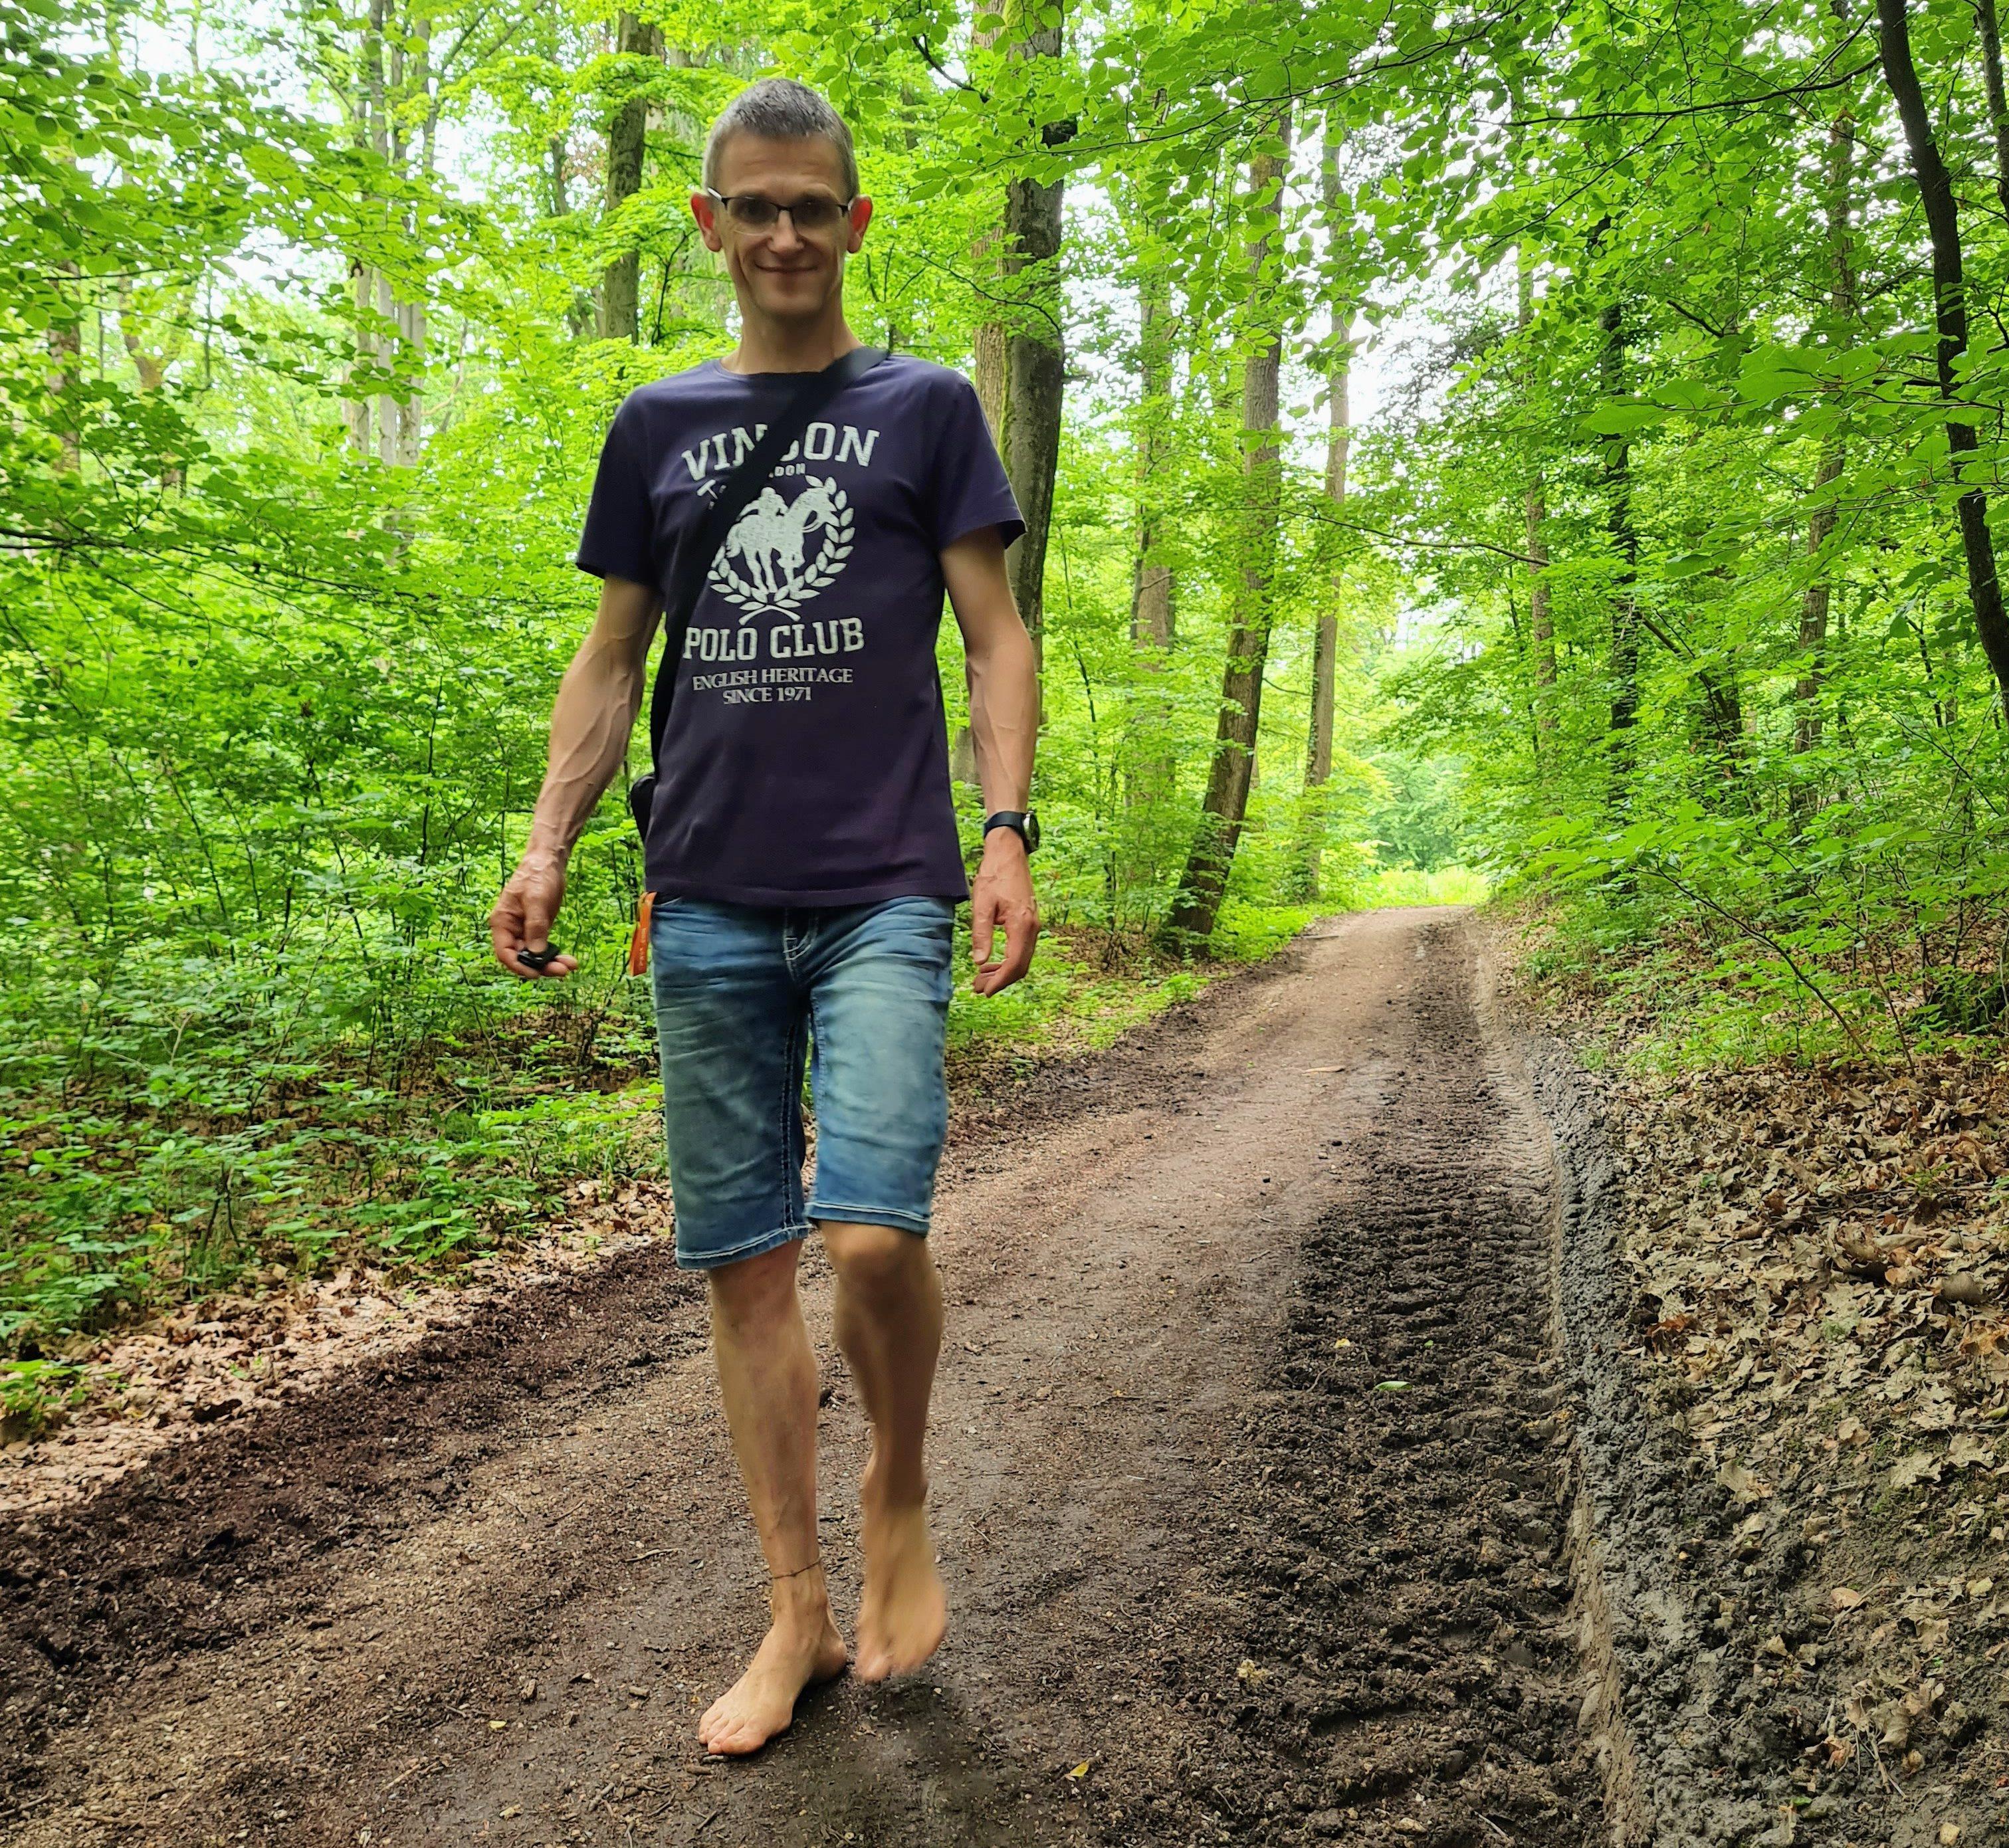 Barfuß wandern mit Jürgen in Baden-Württemberg